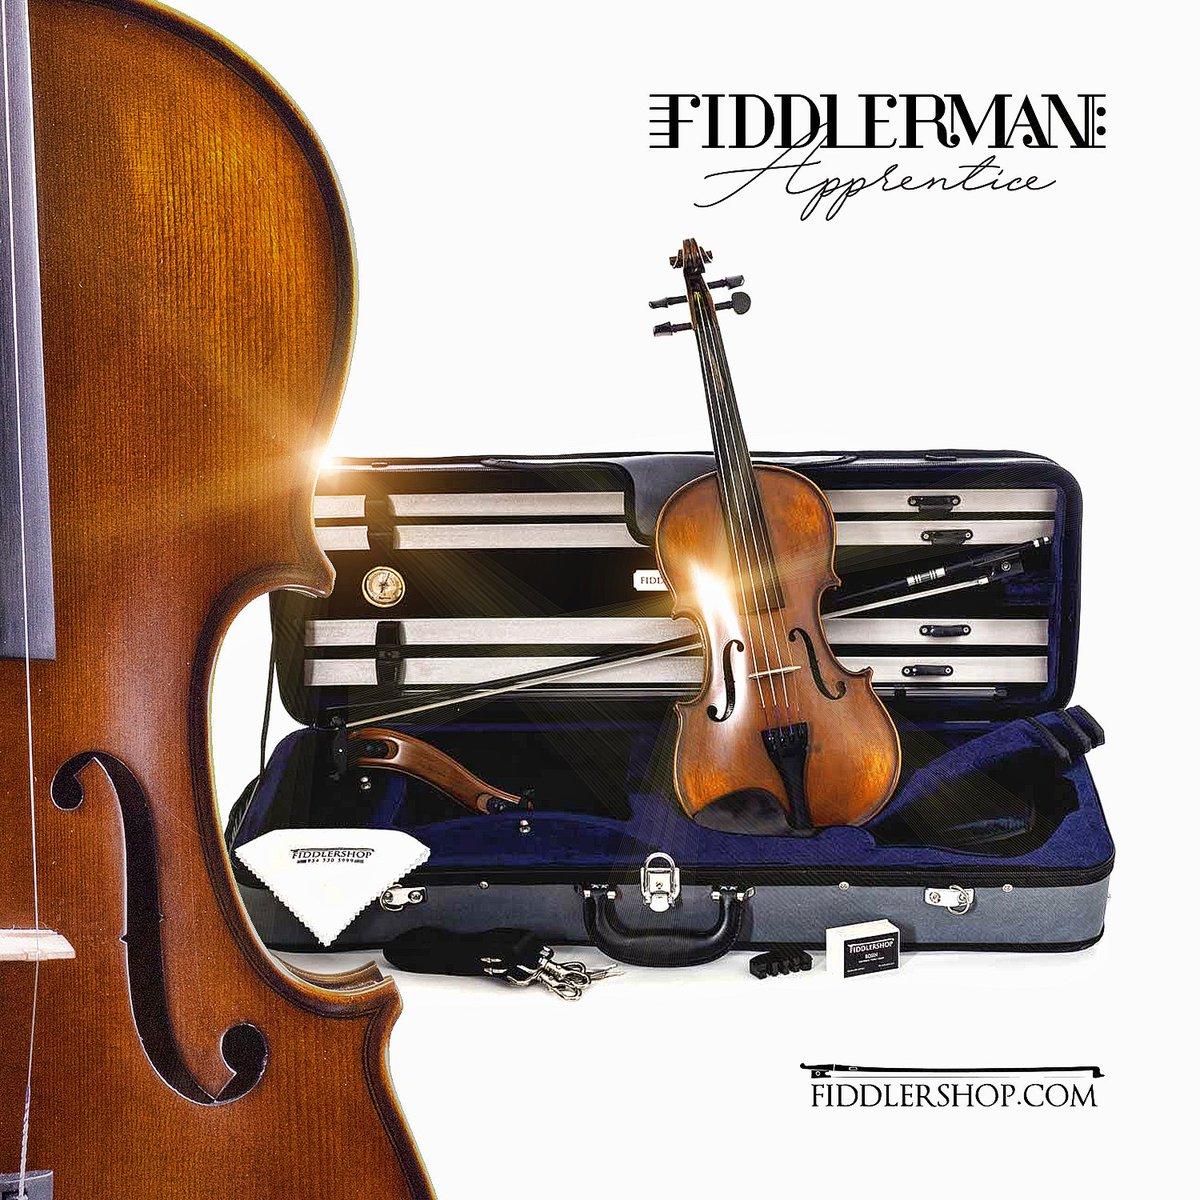 Fiddlershop on Twitter: